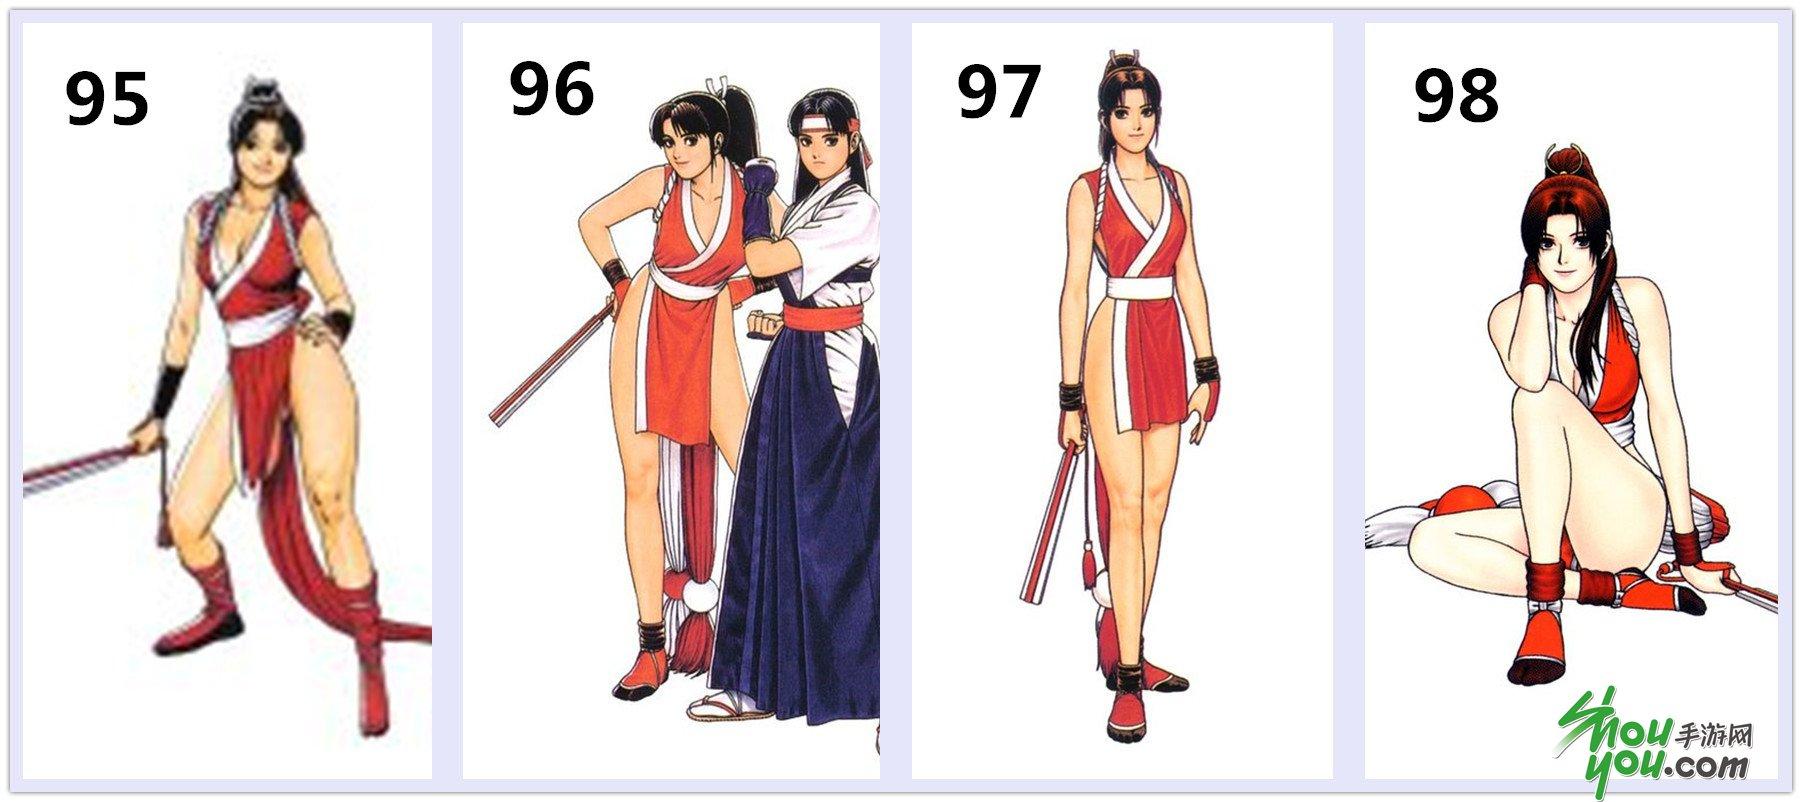 亚洲色囹��9olz)�_曾是惊鸿照影来 从《拳皇97ol》看kof历代角色